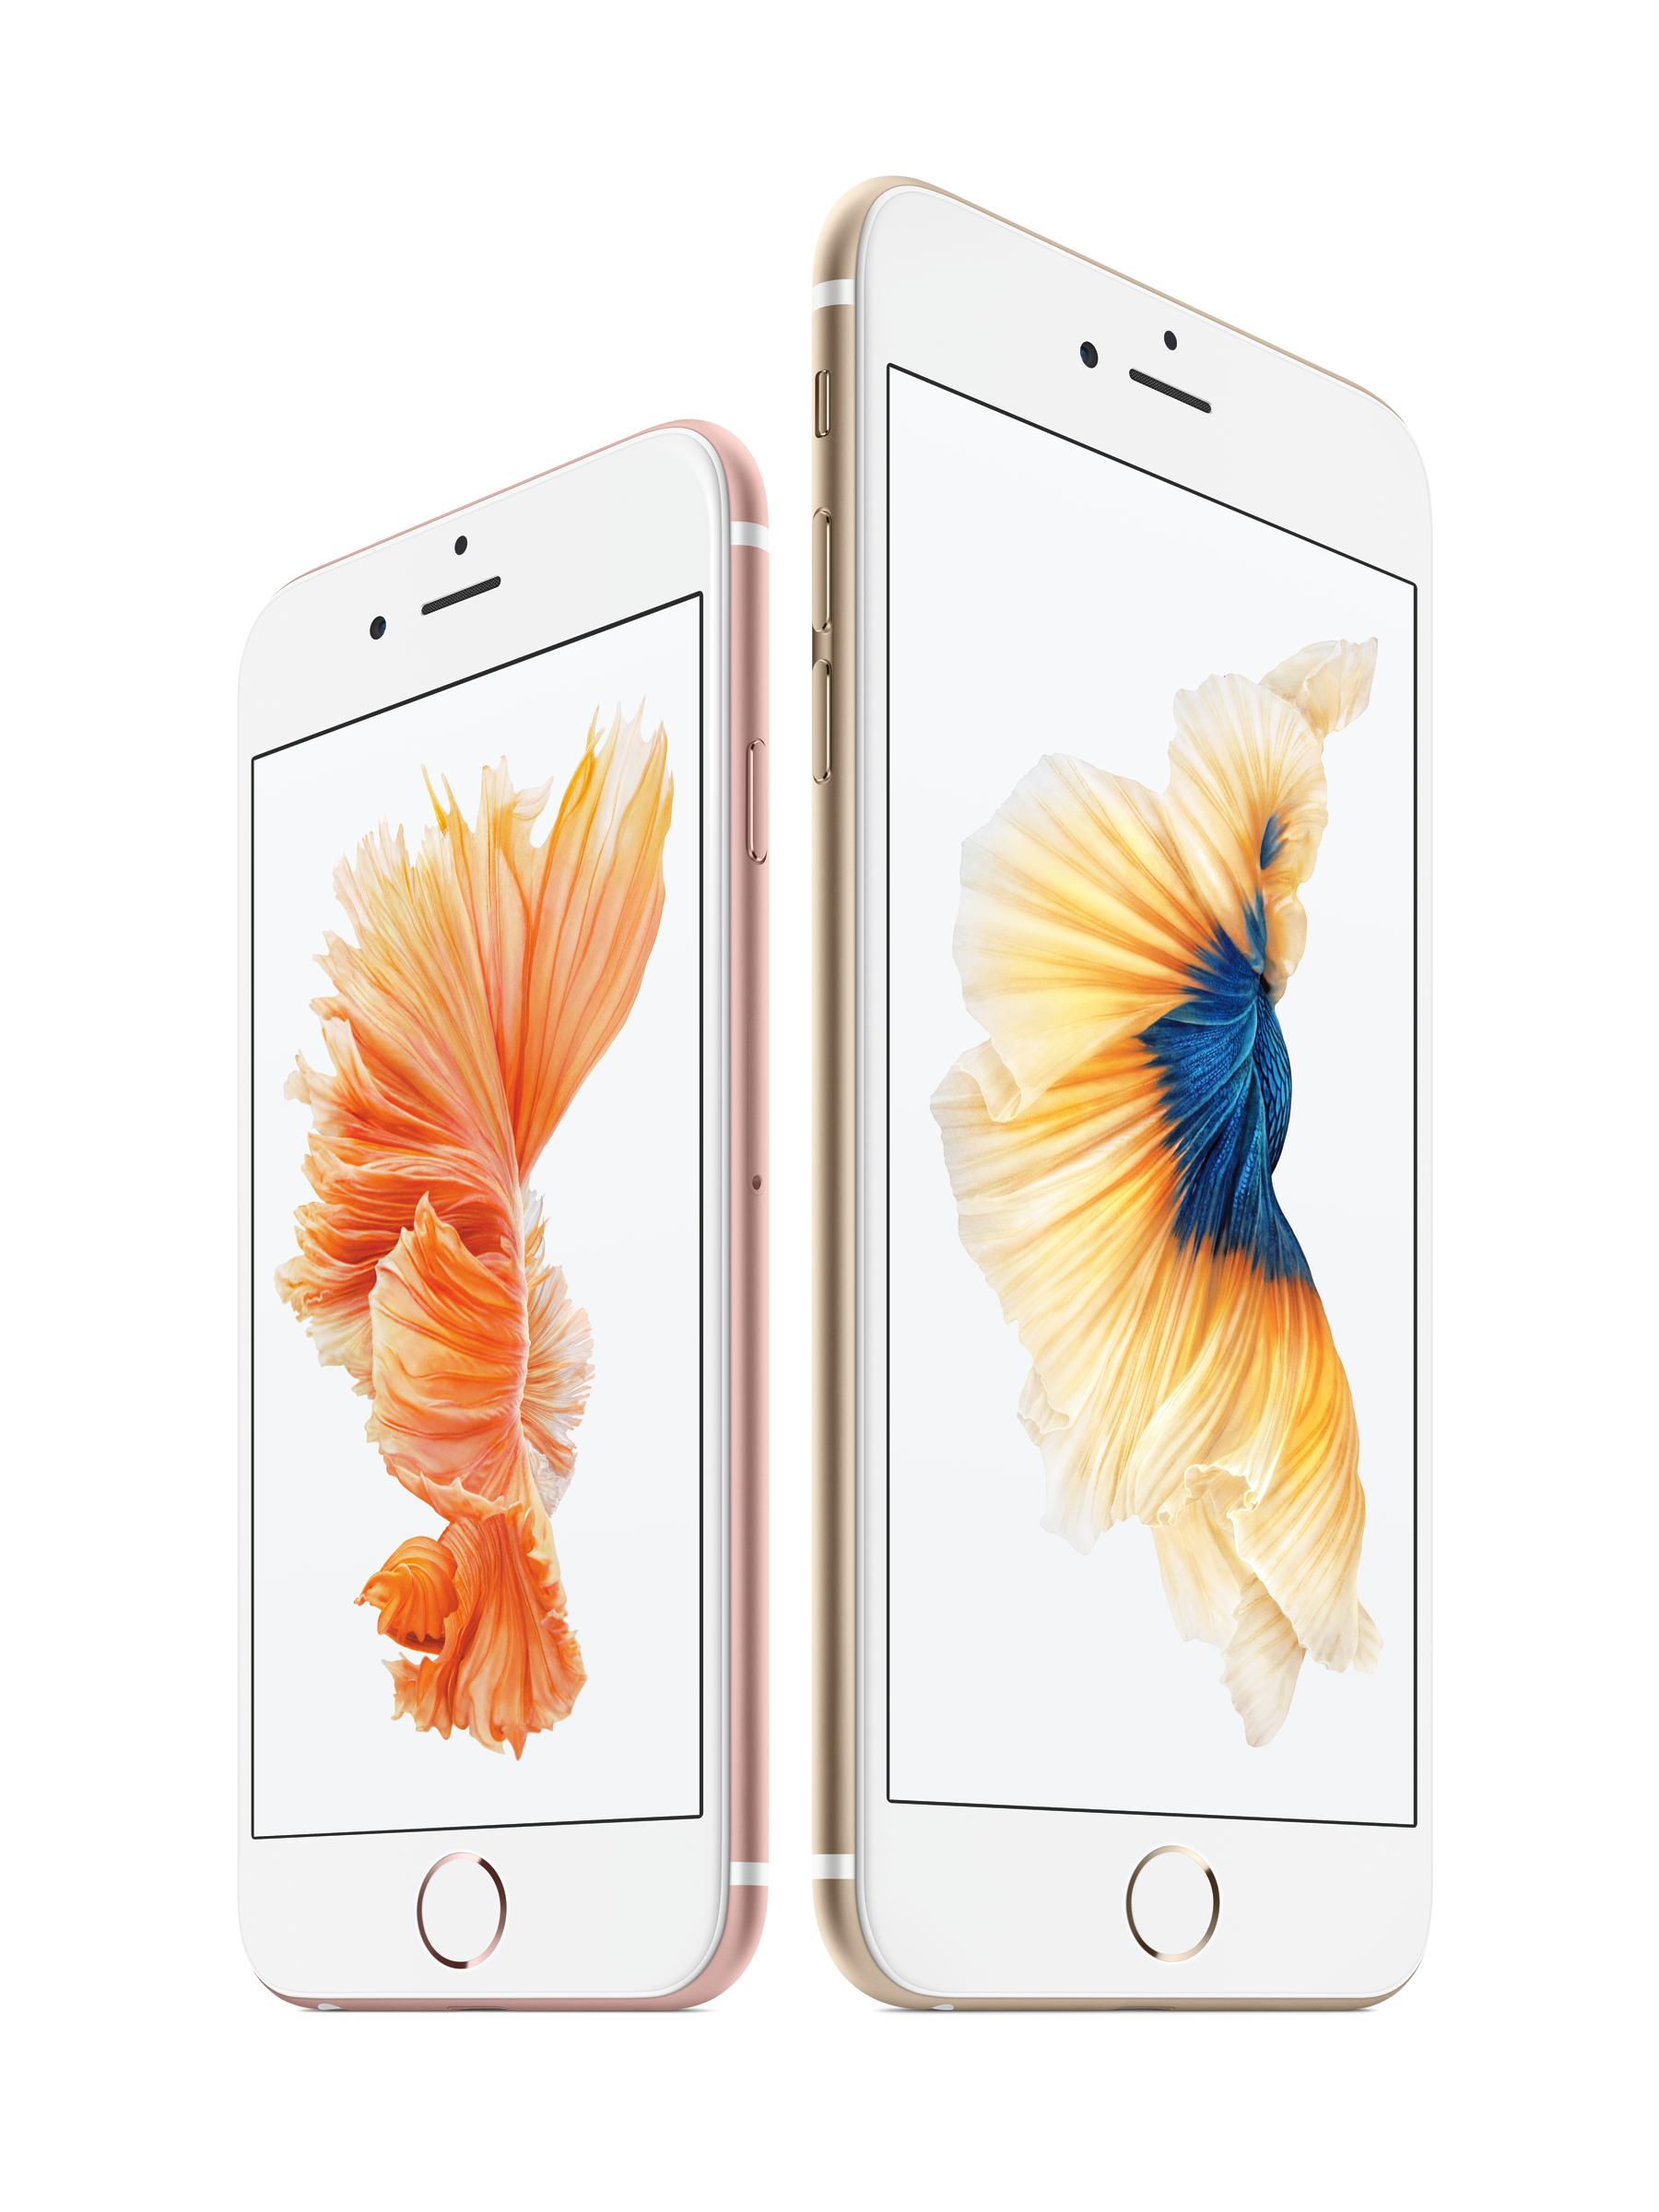 iPhone 6s/iPhone 6s Plus